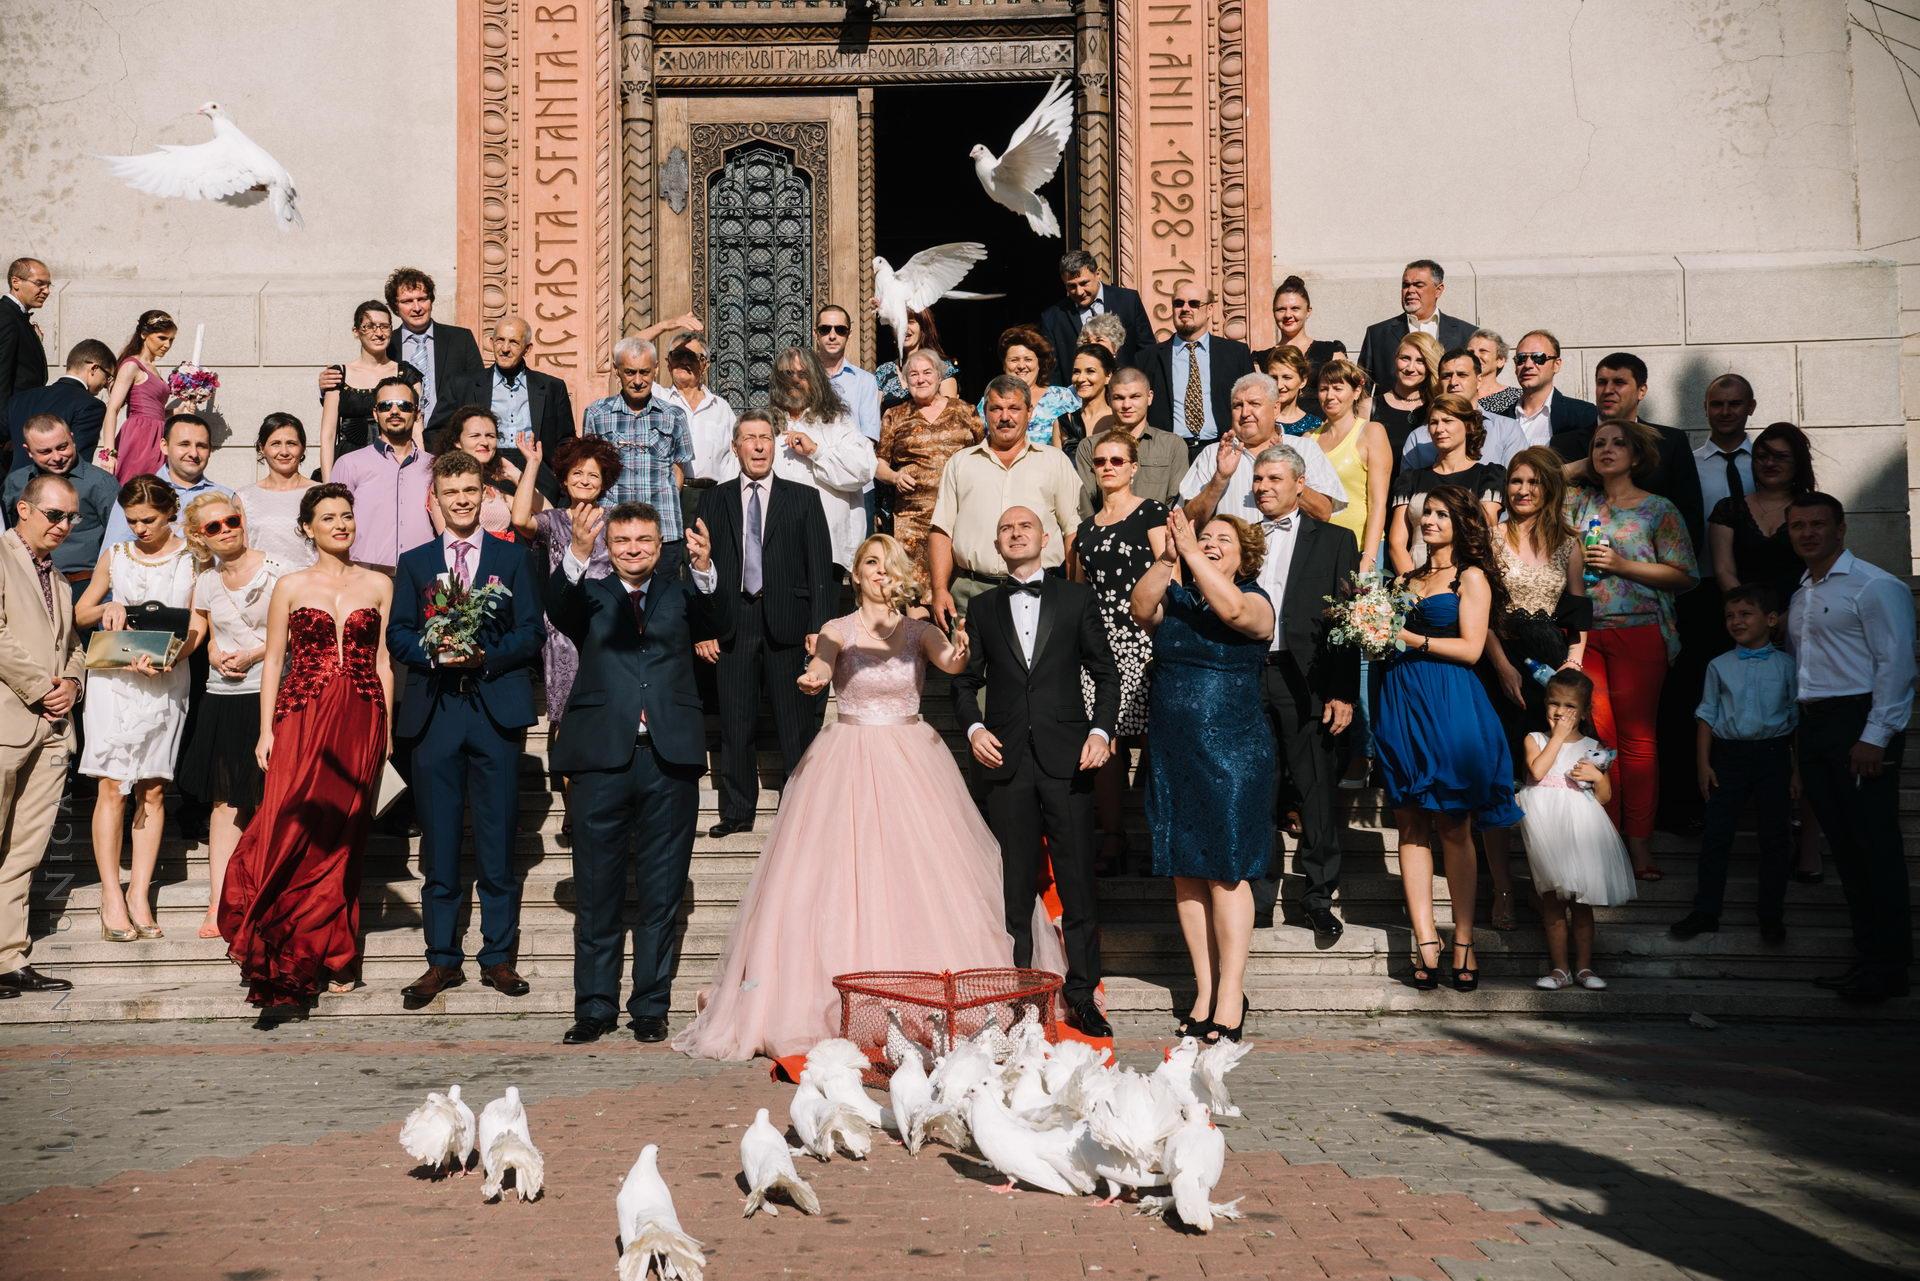 lavinia si adi fotograf laurentiu nica craiova 046 - Lavinia & Adi | Fotografii nunta